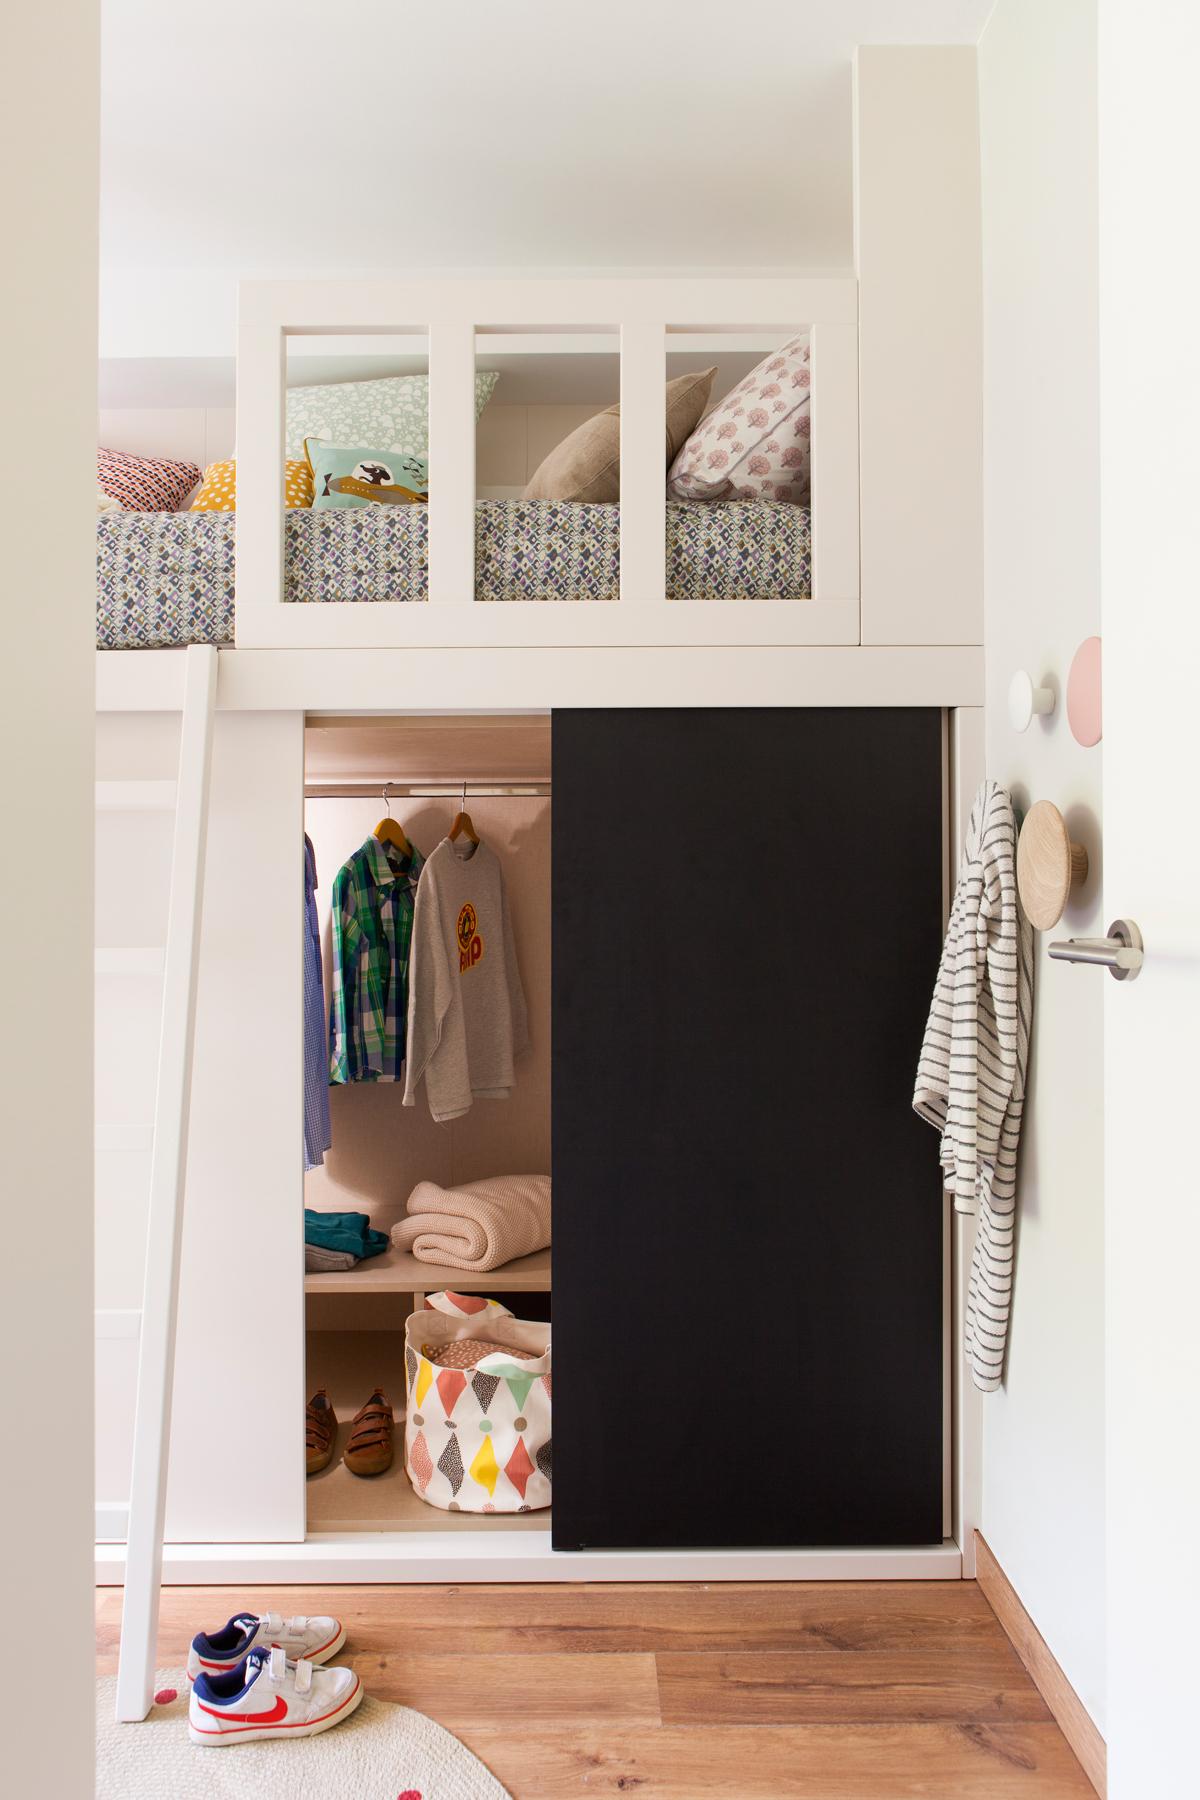 10 ideas para decorar la habitaci n infantil perfecta - Armario de habitacion ...